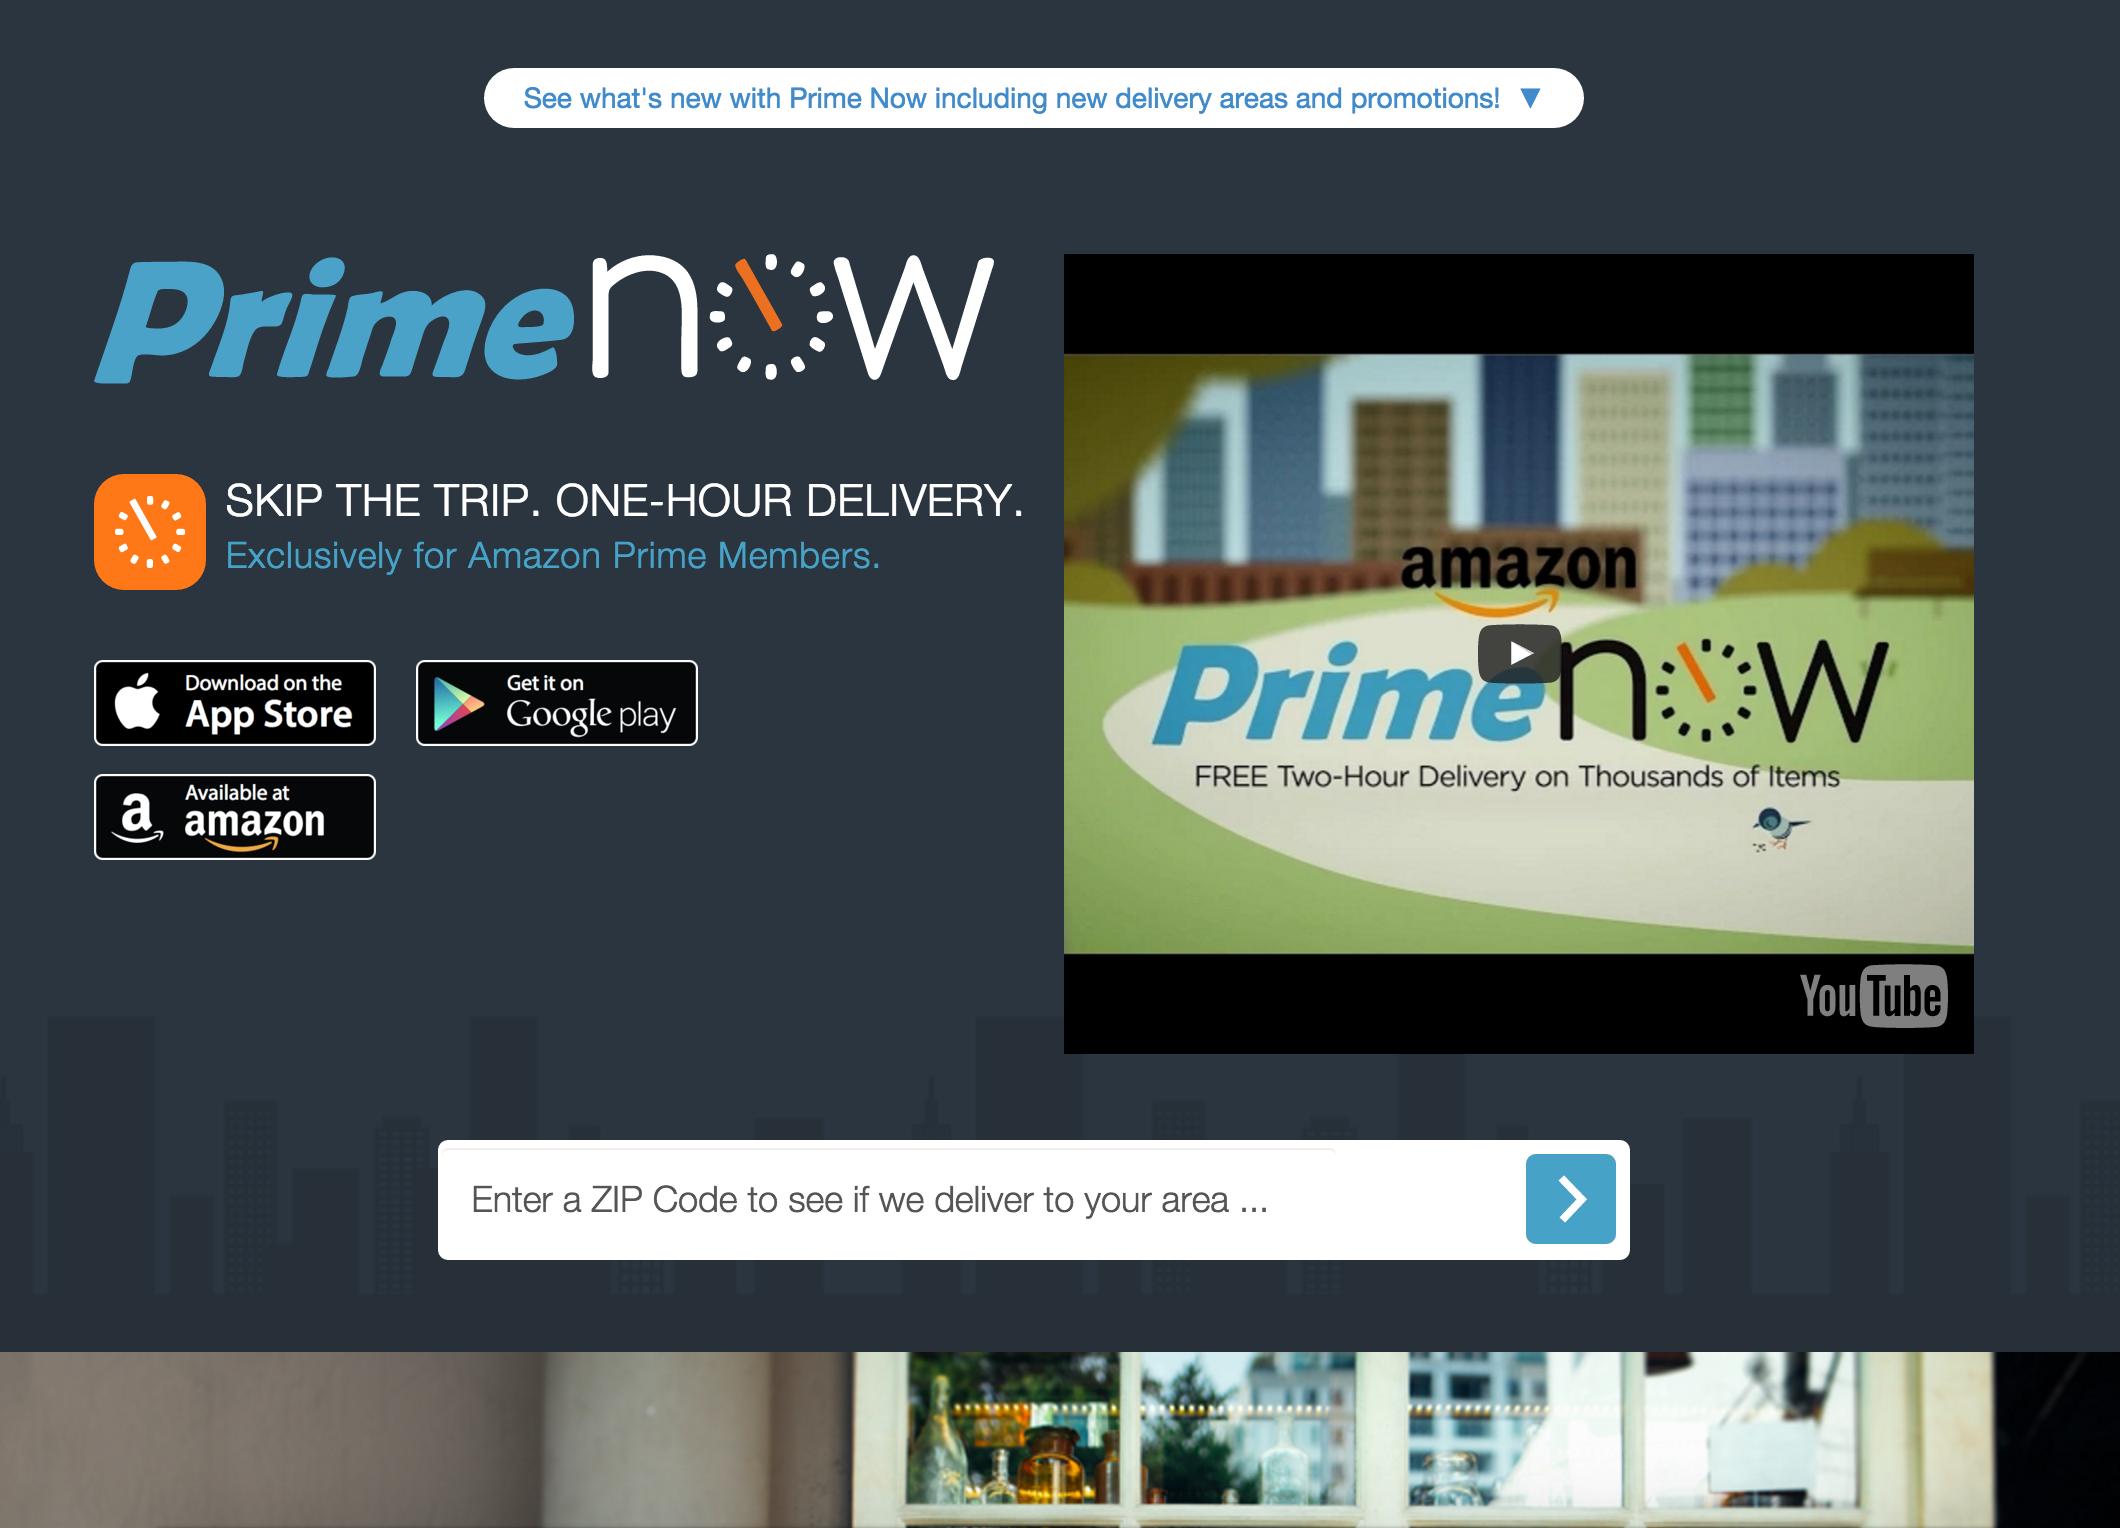 米国EC・小売HOT NEWS【番外編】米国小売・Eコマースのココが気になる!〜Amazon Prime Now & Jet〜